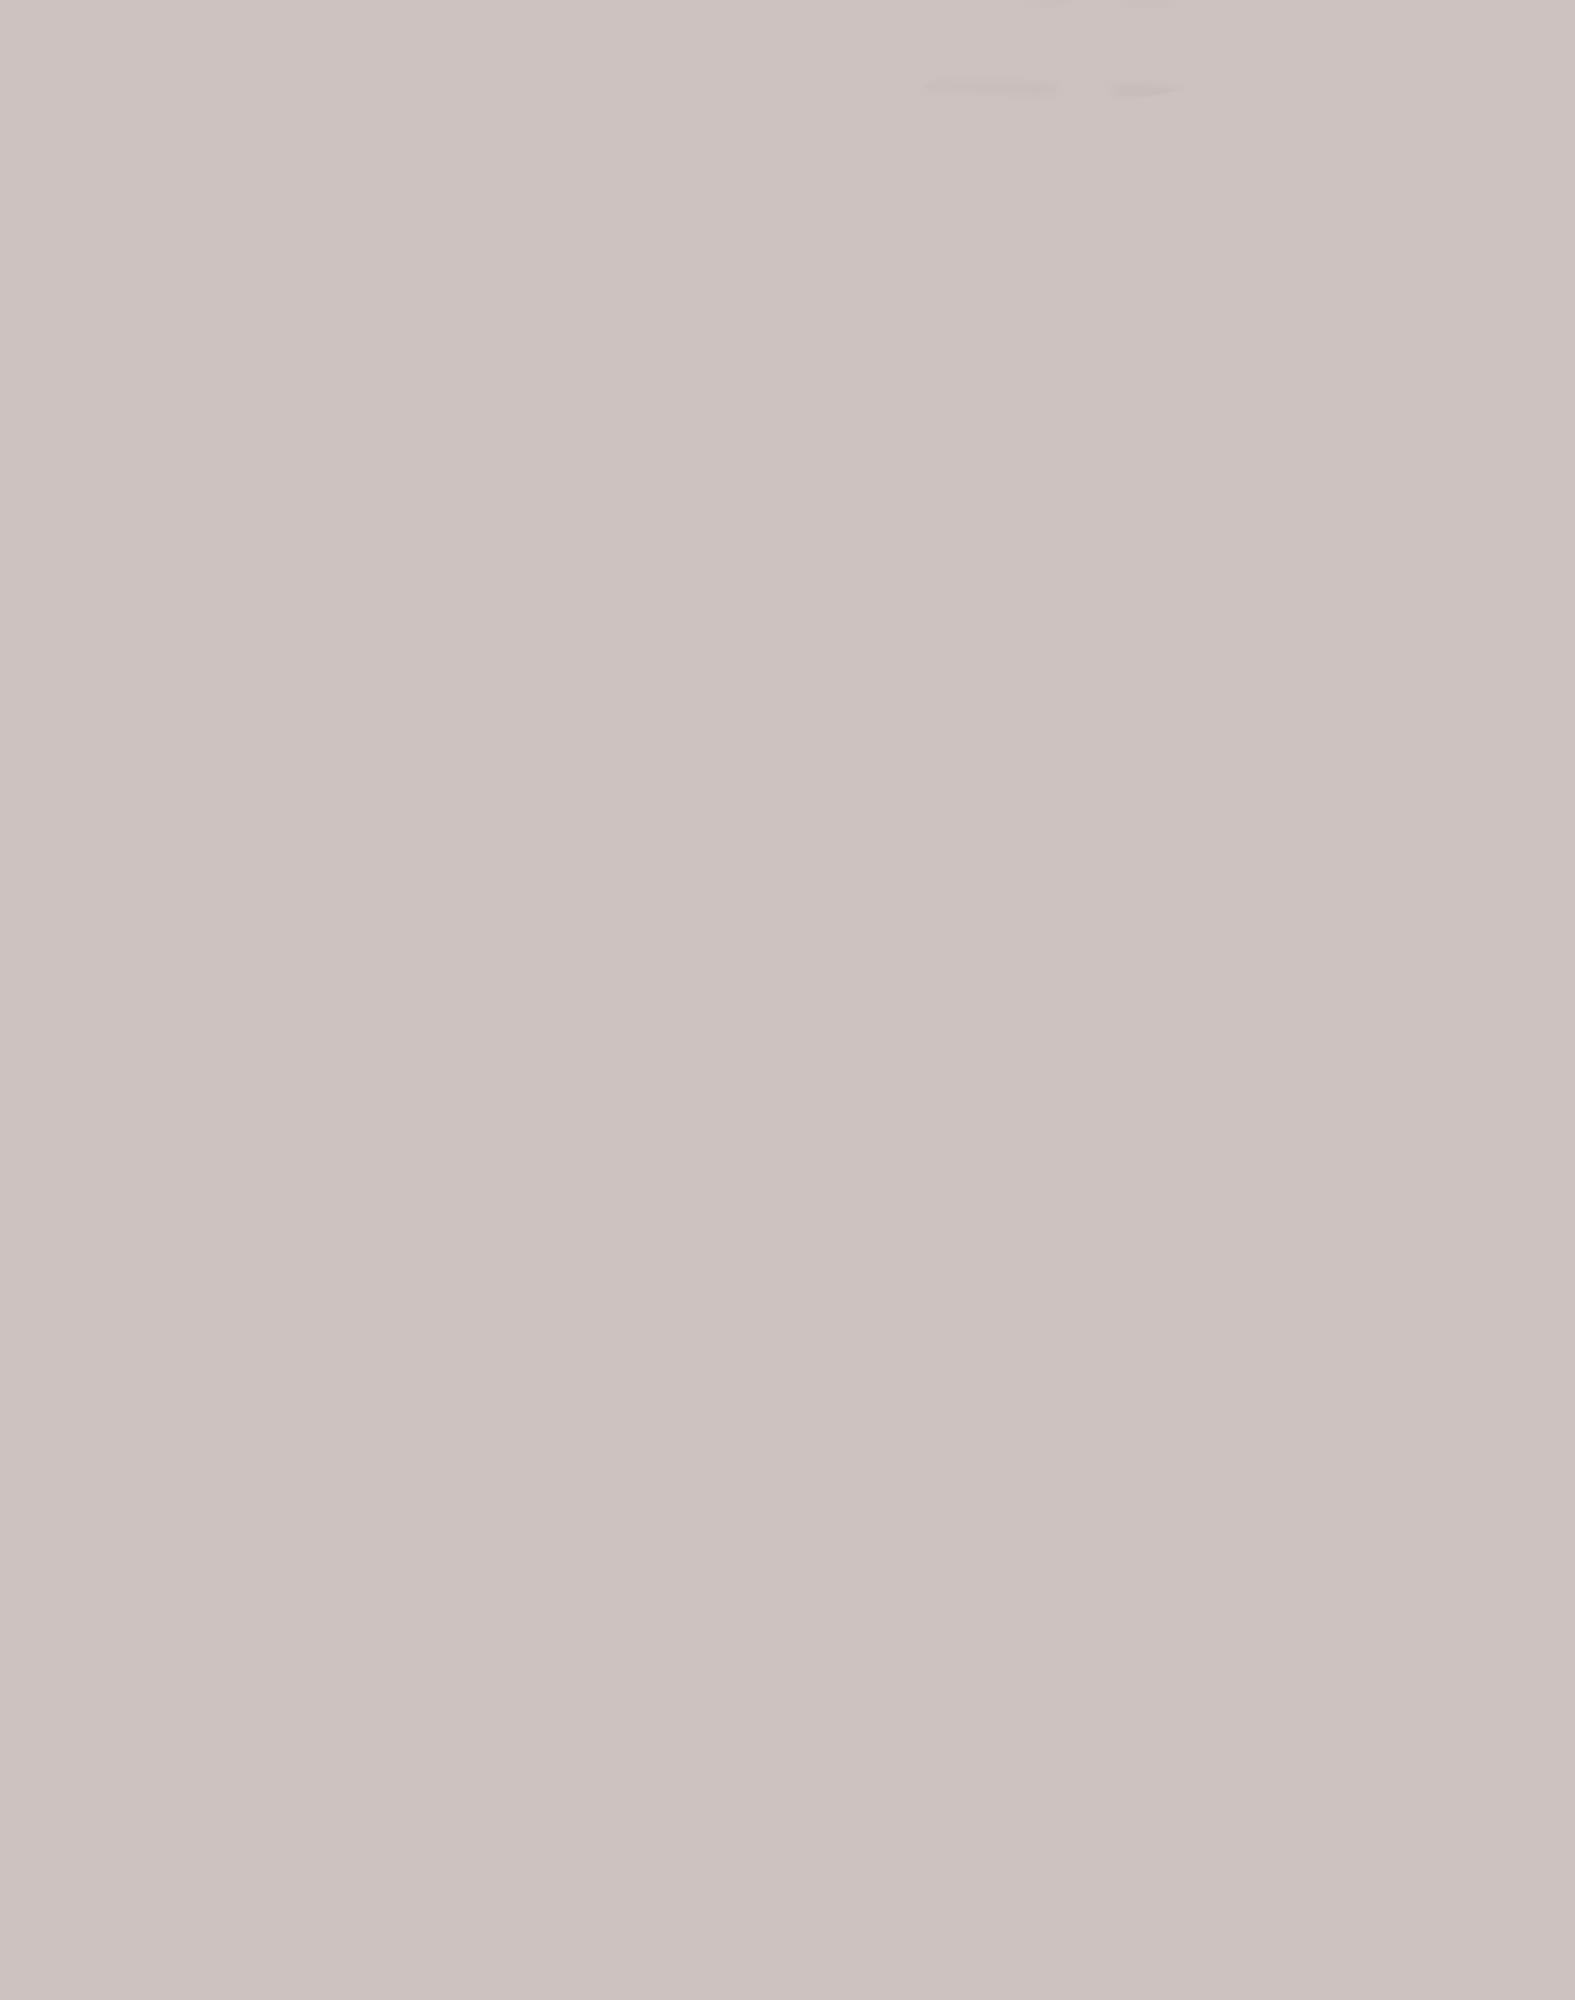 Iced Petal 205,194,192